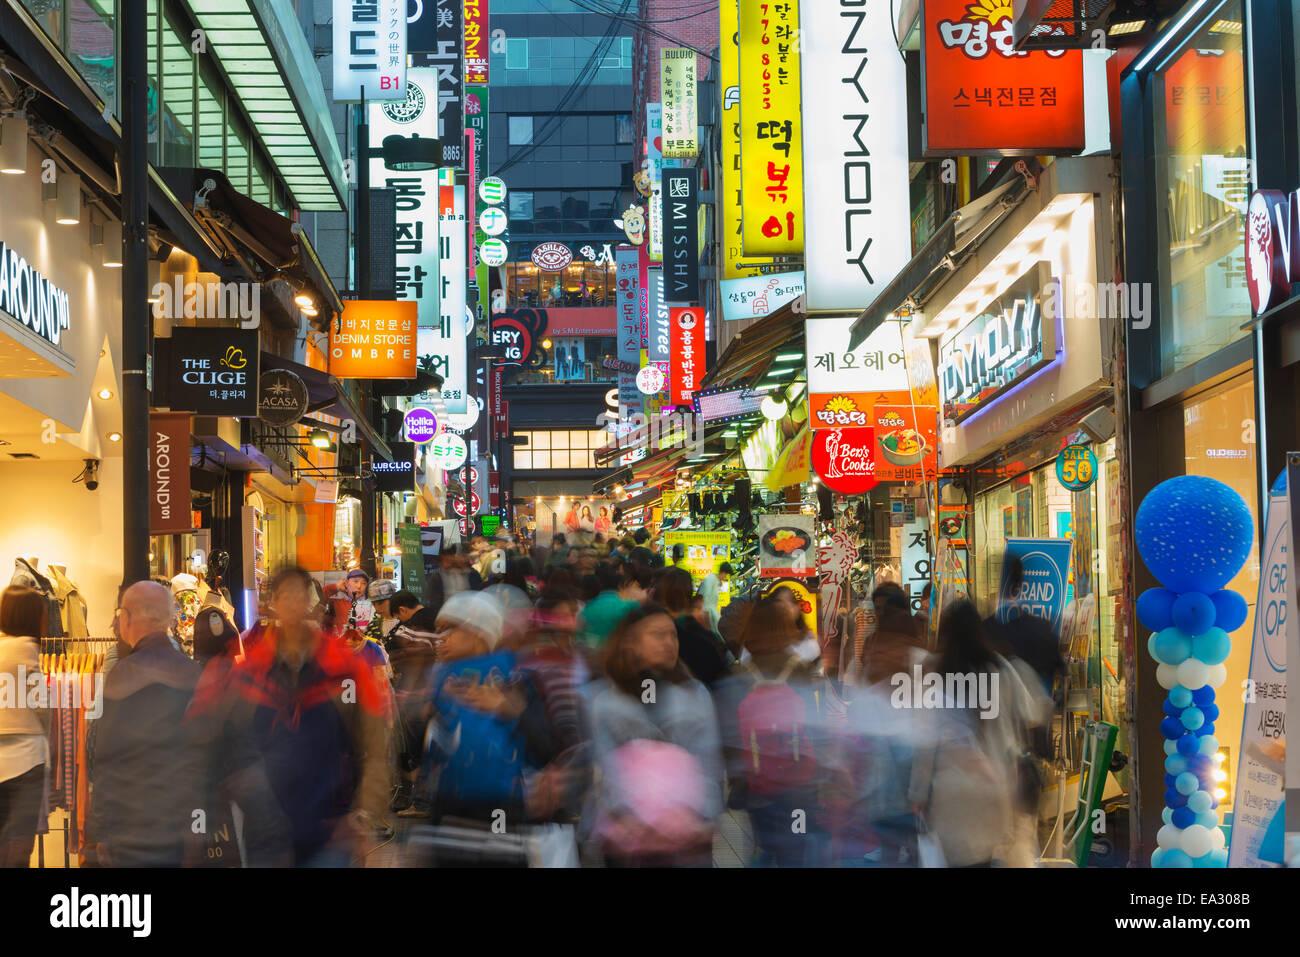 Neon di strade illuminate di Myeong-dong di Seoul, Corea del Sud, Asia Immagini Stock